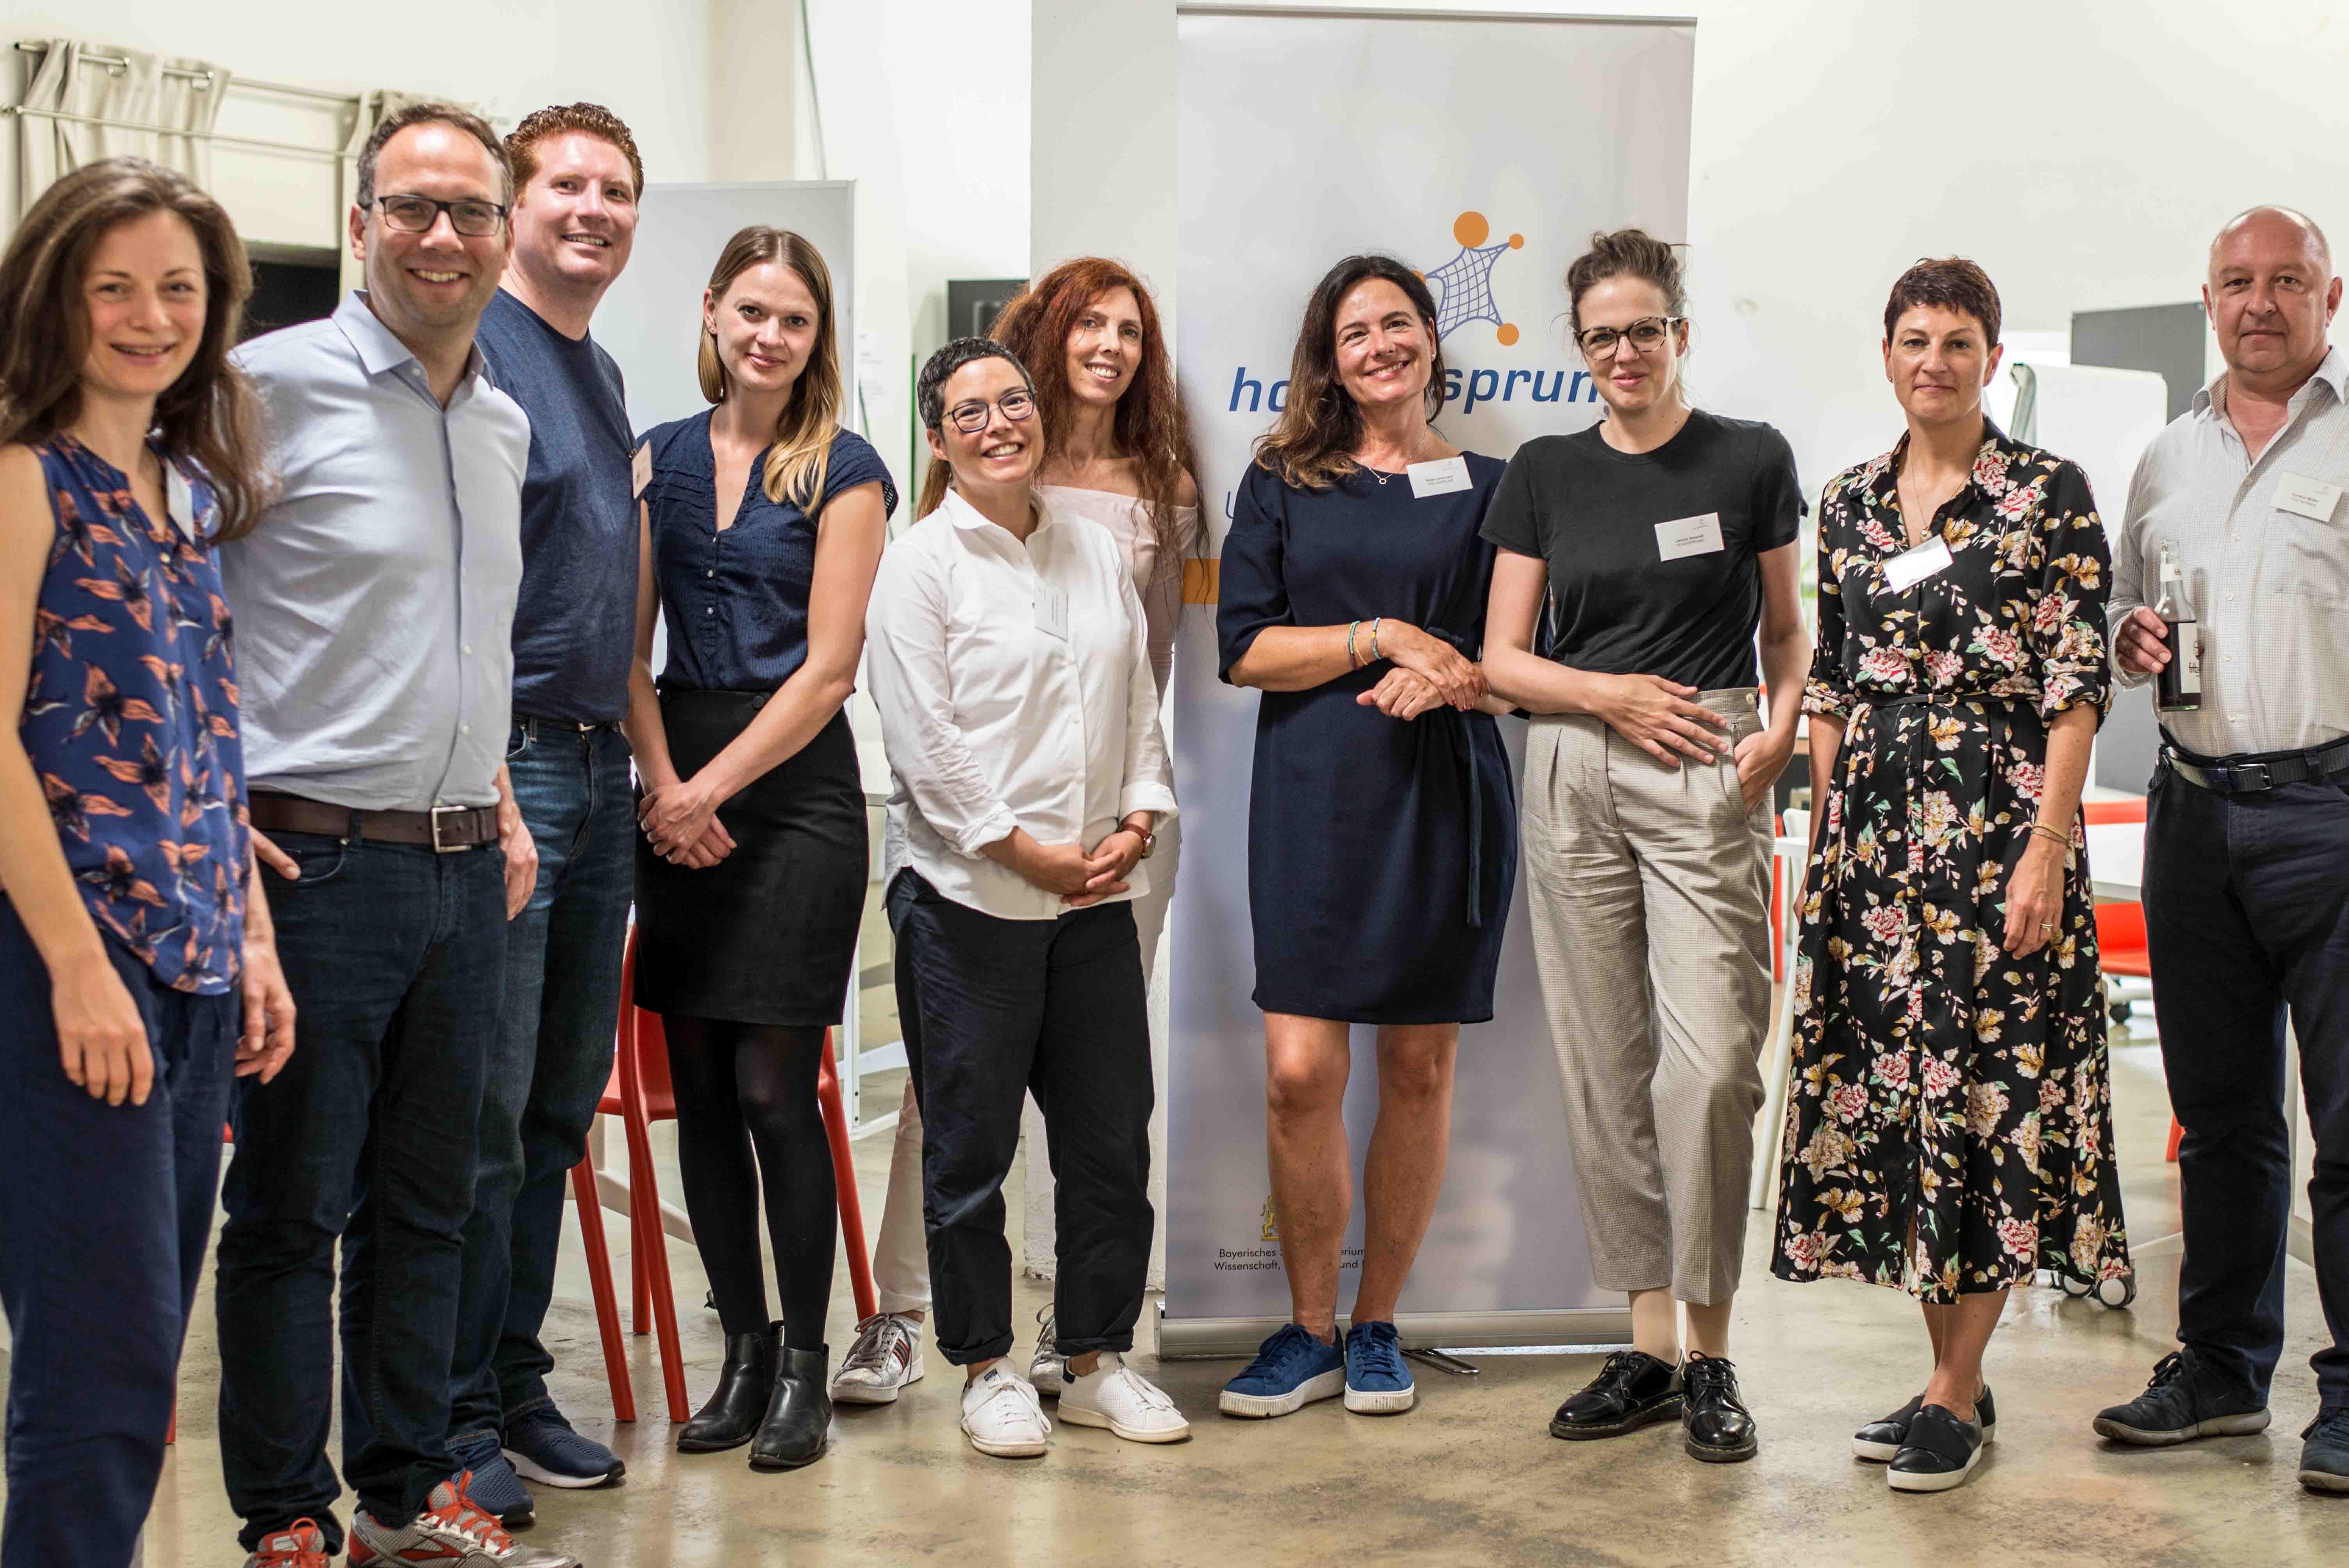 HOCHSPRUNG-Workshop Fundraising im Zollhof Nürnberg